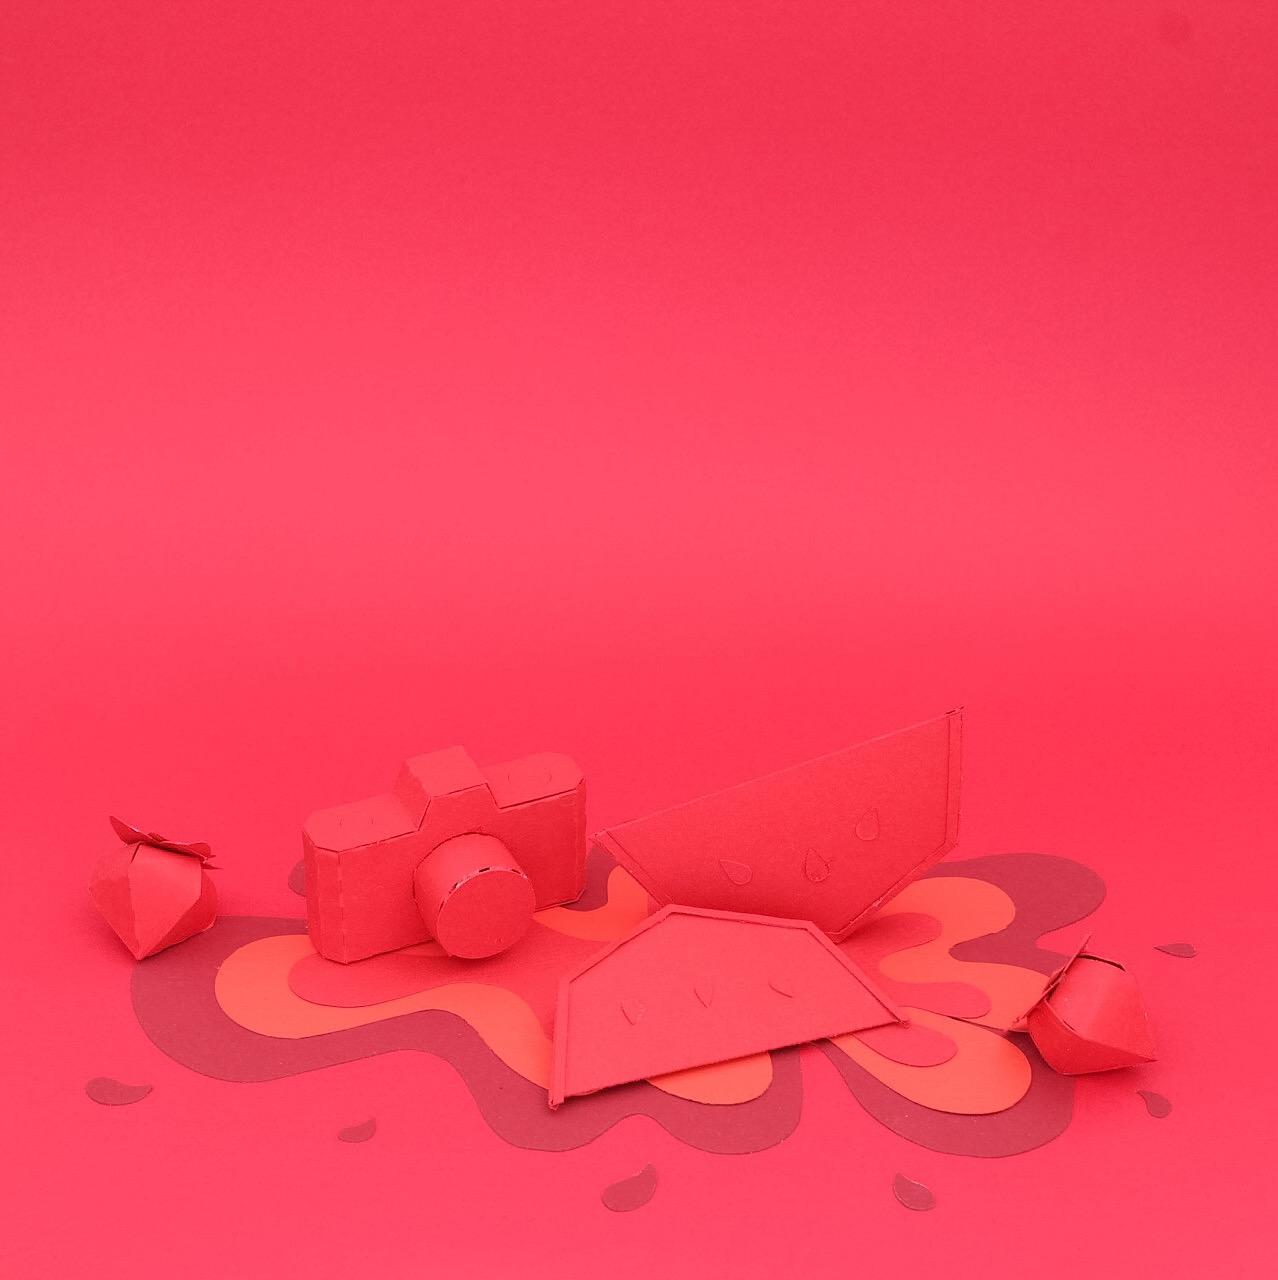 Rouge Montage papier coloré : color papercut l Sp4nkblog